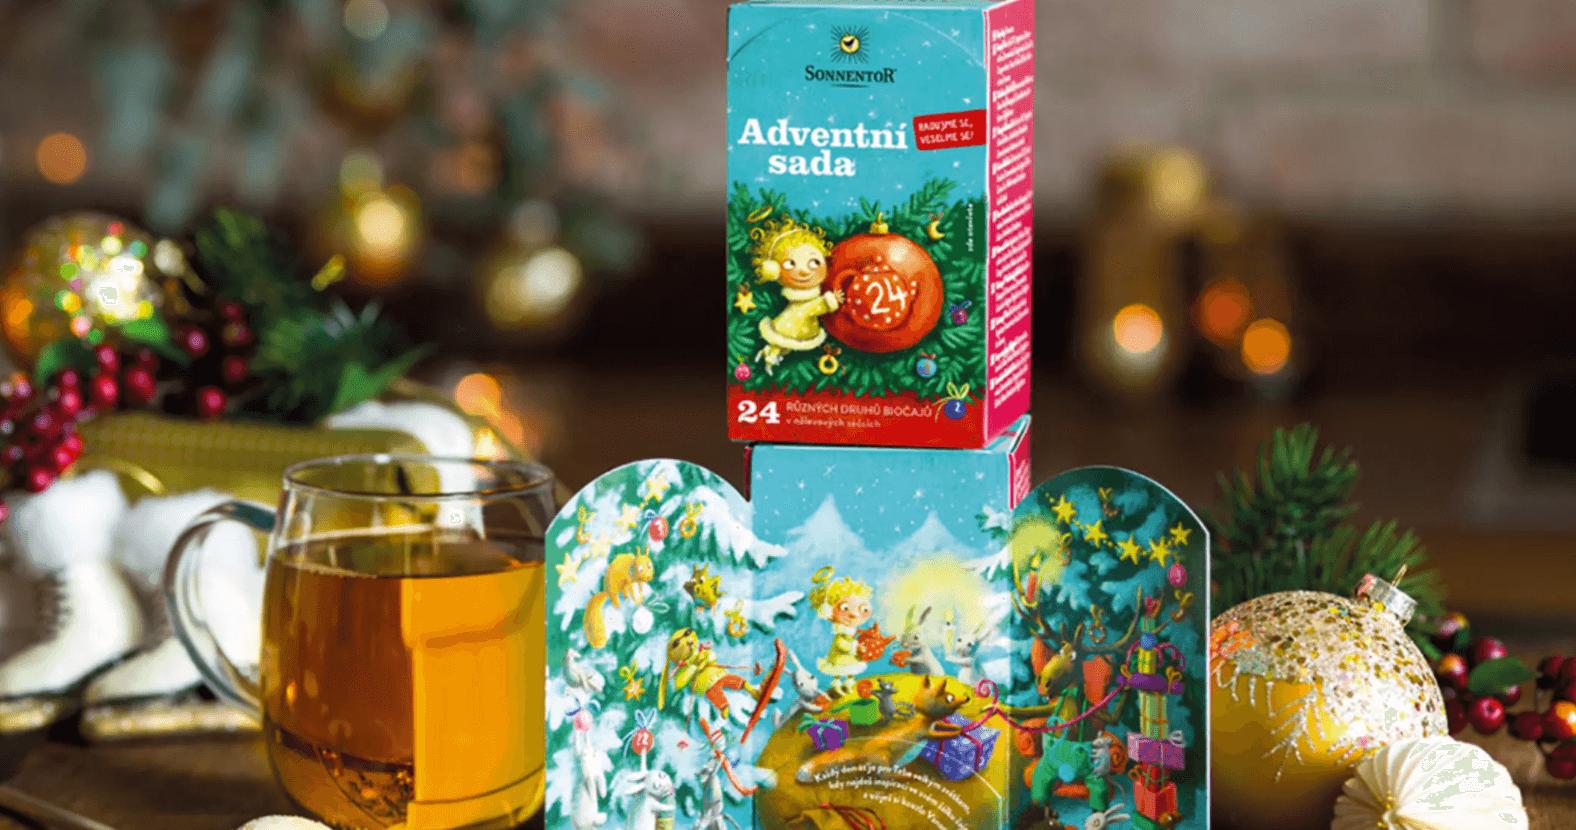 3 tipy na dárky i vánoční pohodu